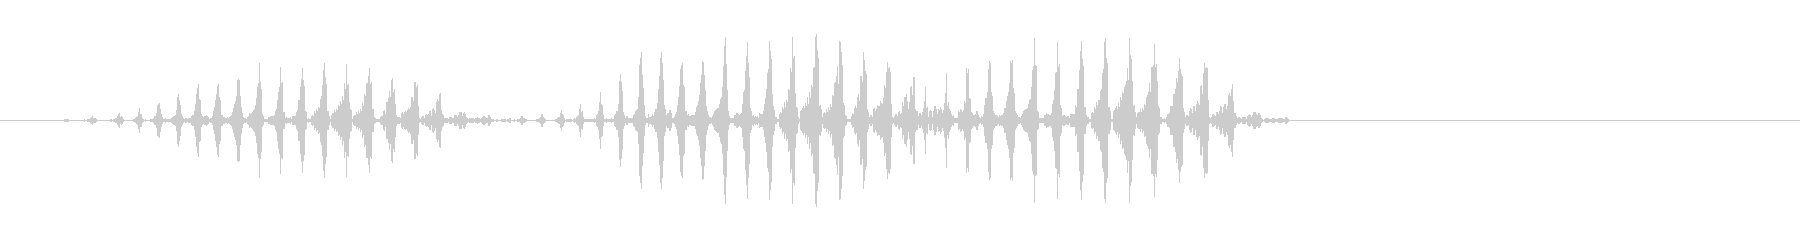 速いリズムのケロケロケロ効果音の未再生の波形